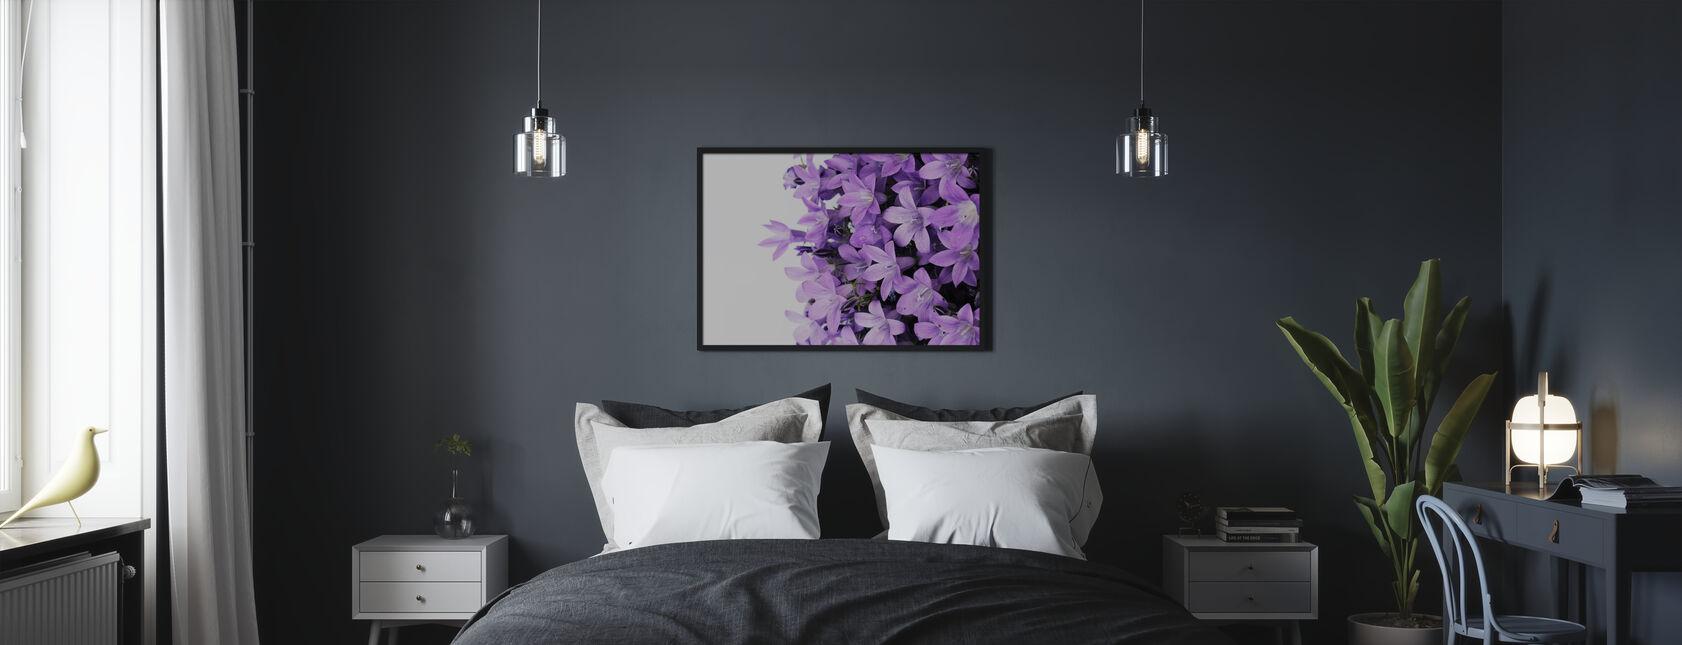 Fleurs violettes - Impression encadree - Chambre